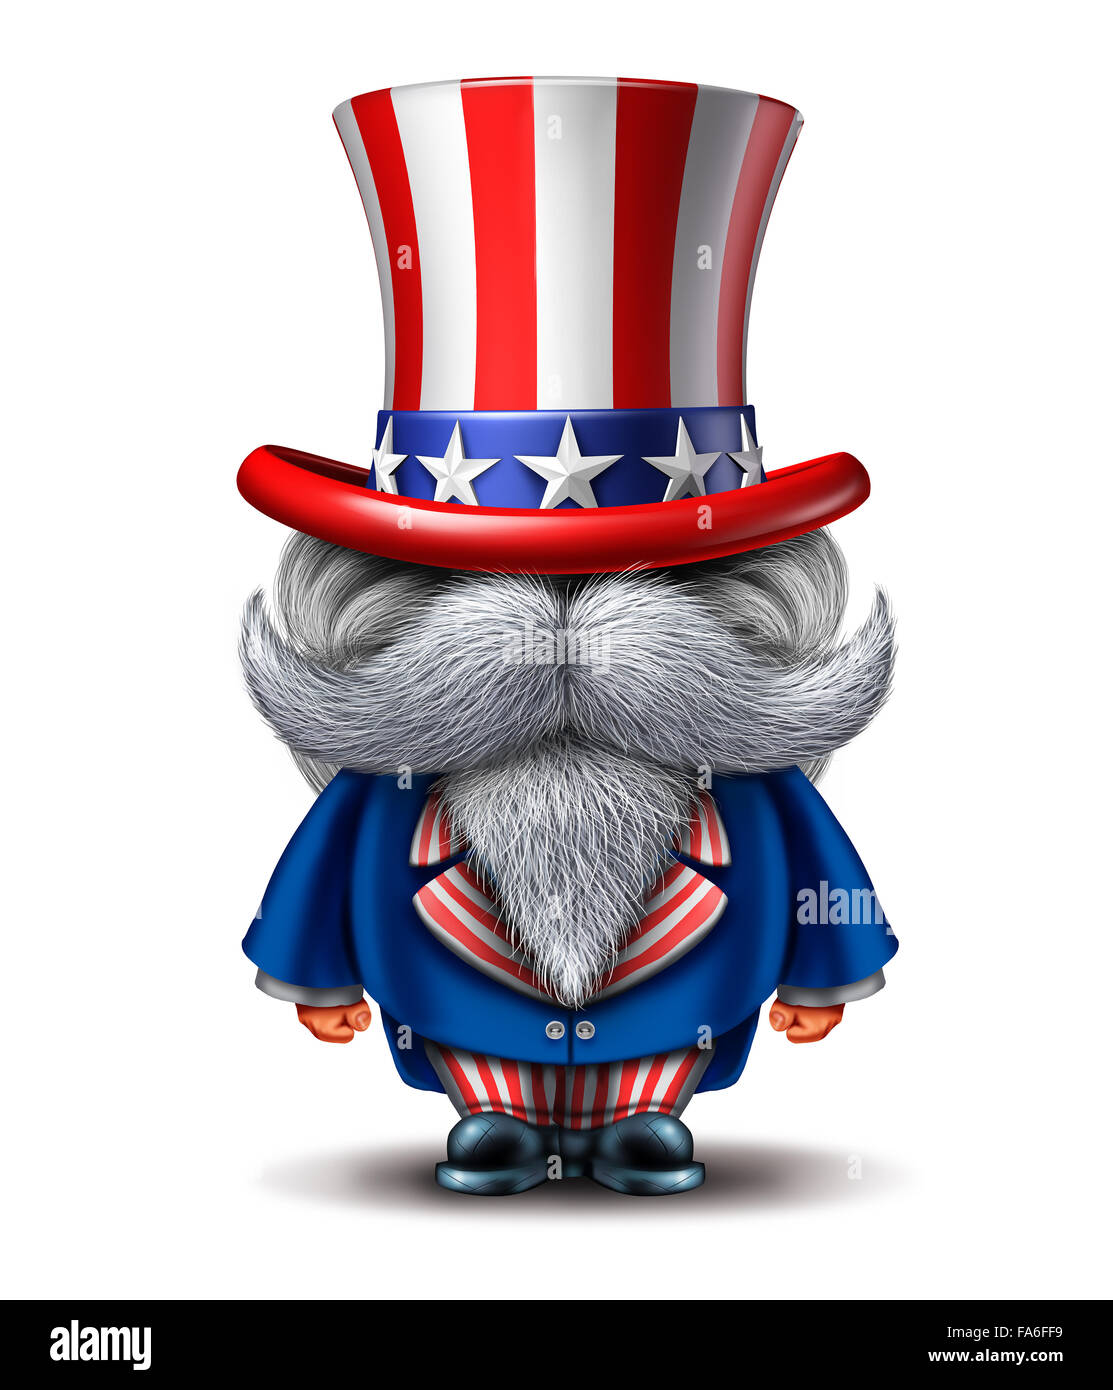 Caractère de l'Oncle Sam comme une icône patriotique d'un symbole américain de gouvernement Photo Stock